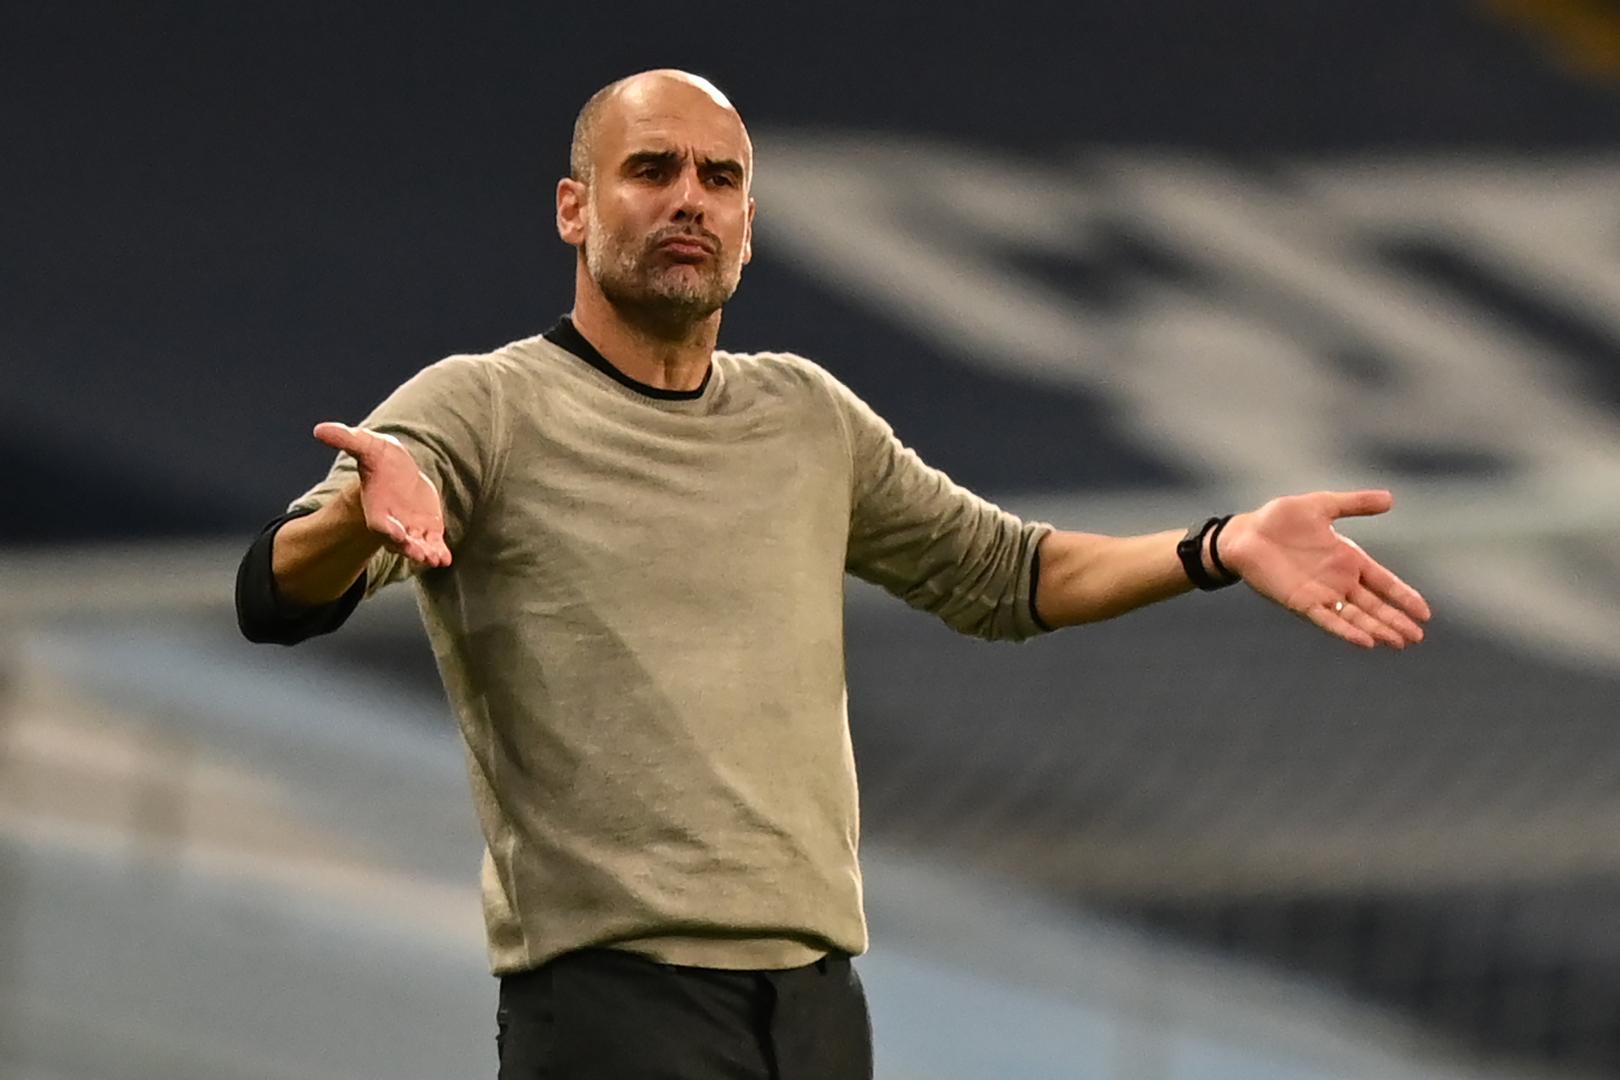 غوارديولا يتخذ قرارا في مسيرته كمدرب